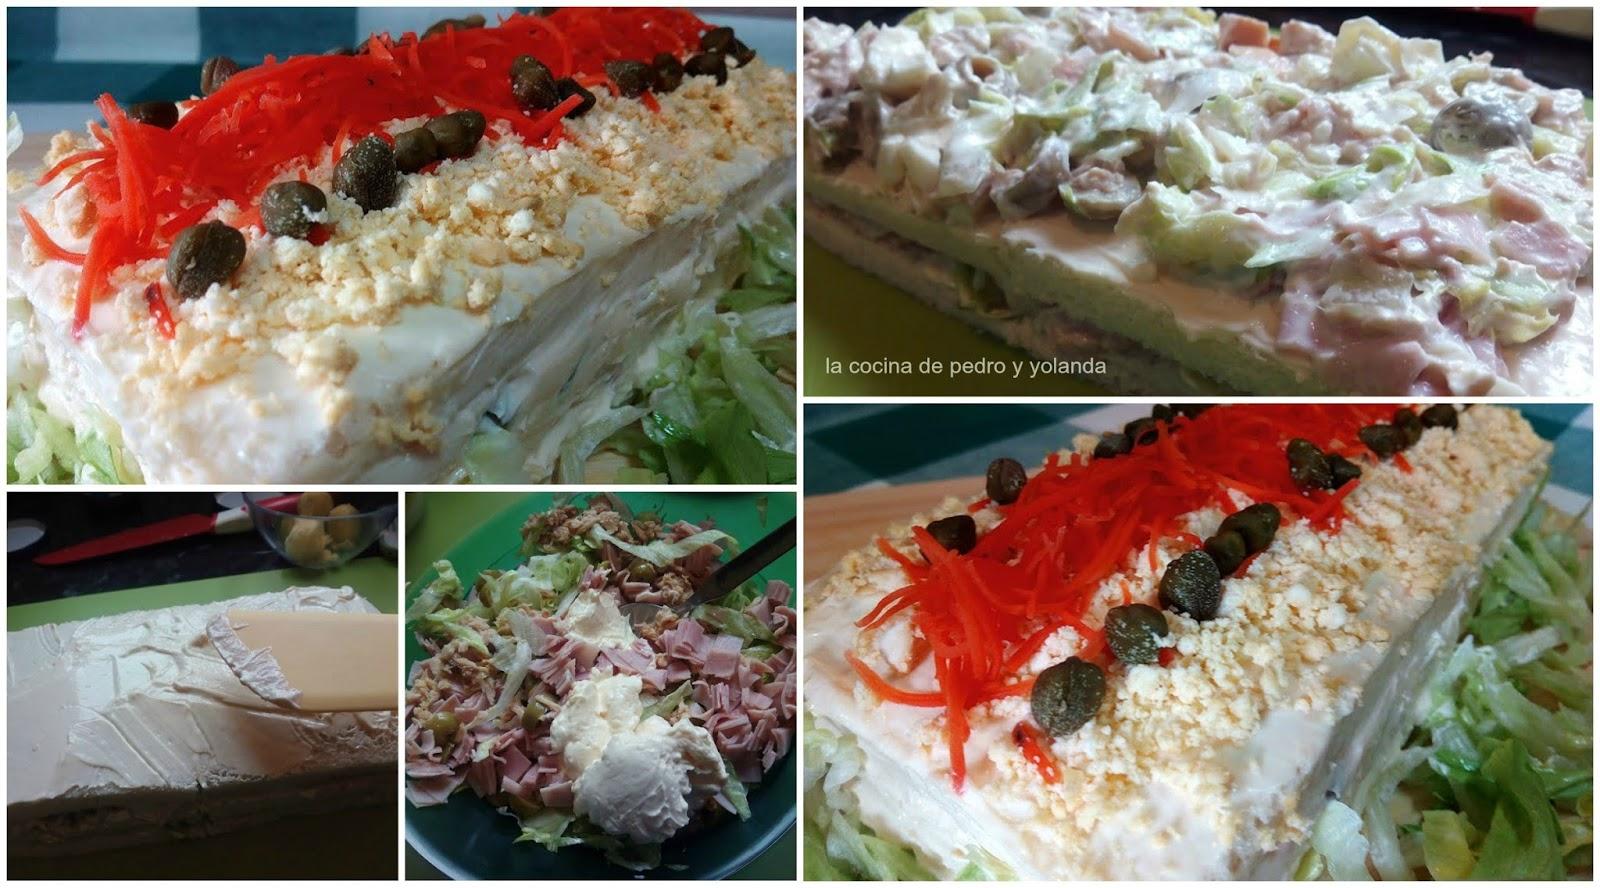 Pastel pan de molde cocina f cil la cocina de pedro y for Cocina de pedro y yolanda